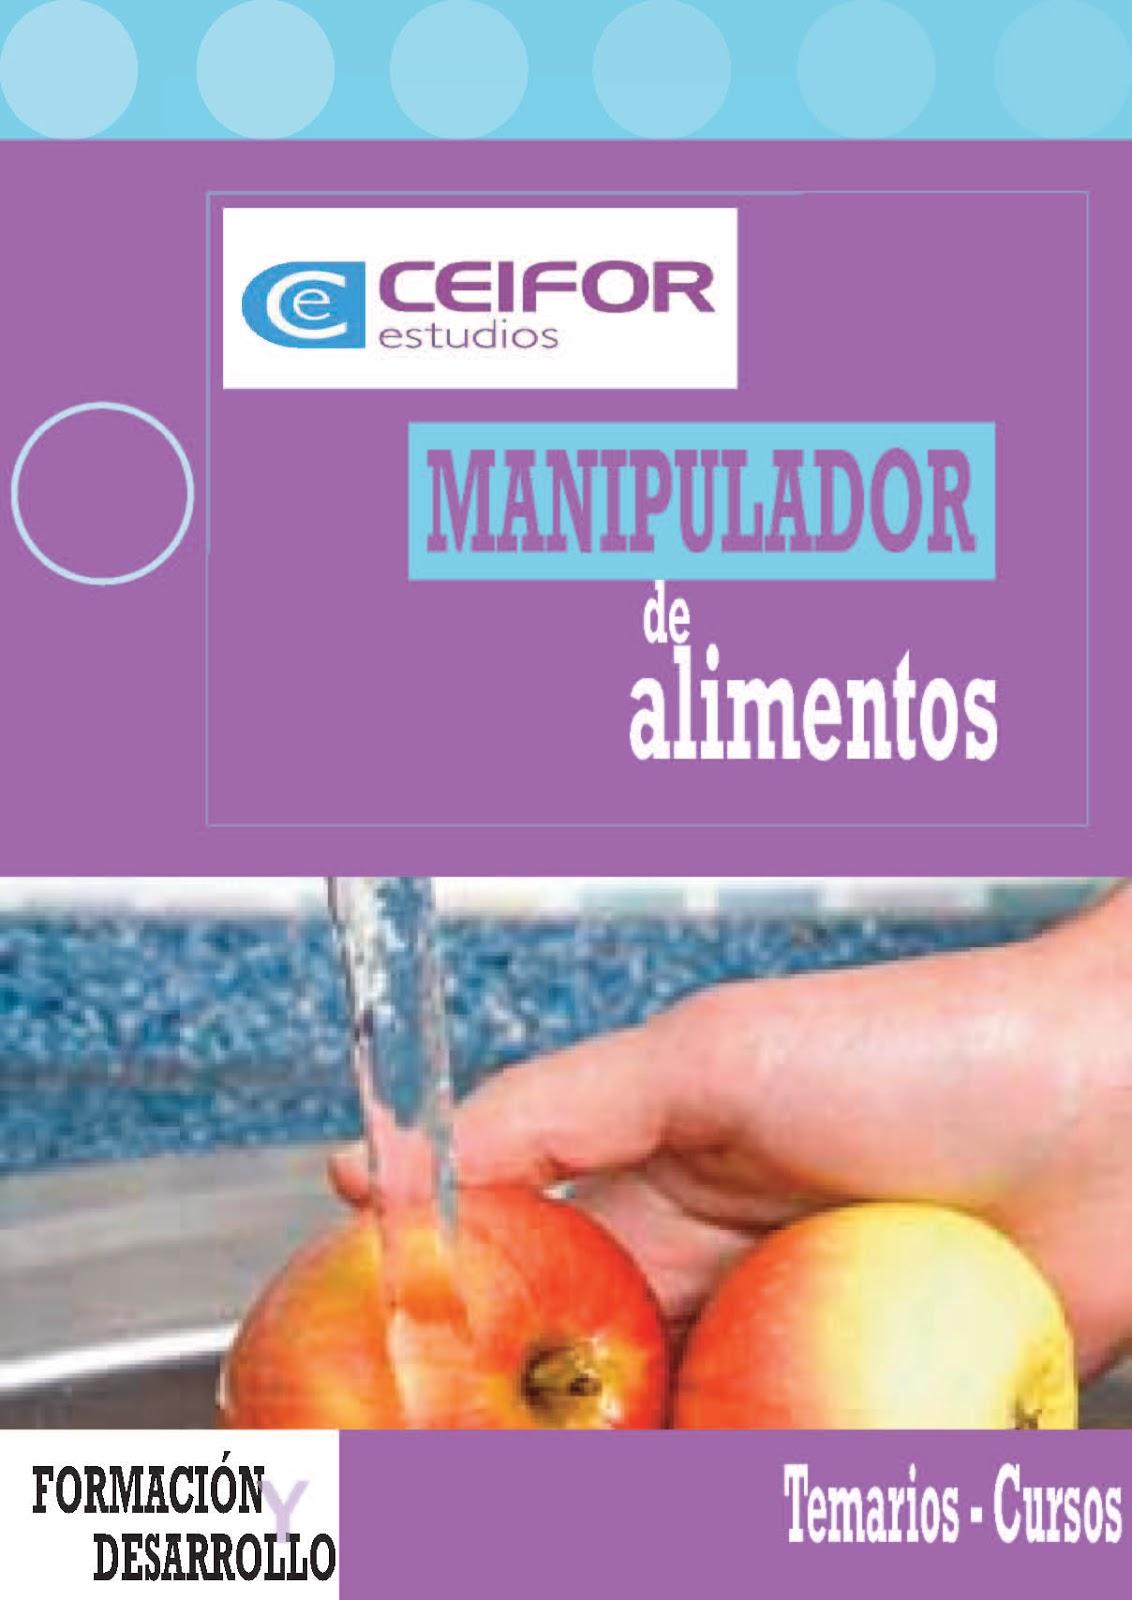 Ceifor estudios nuestros cursos - Manipulador de alimentos on line ...